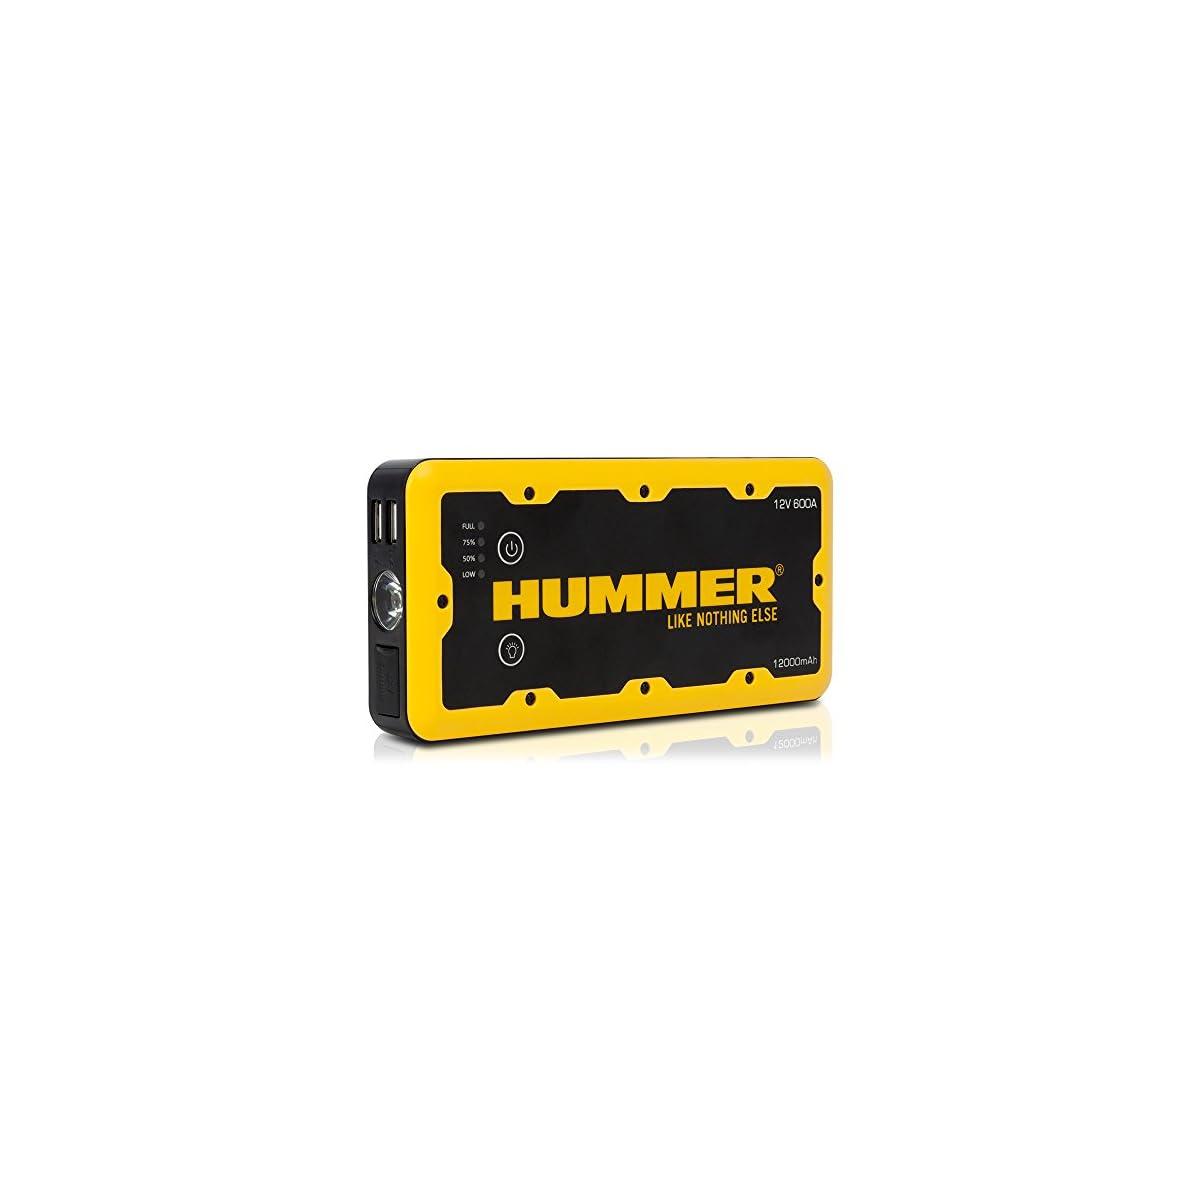 51y2TBWX8JL. SS1200  - Hummer HUMM12000 Arrancador de Bateria para Coche 12000mAh